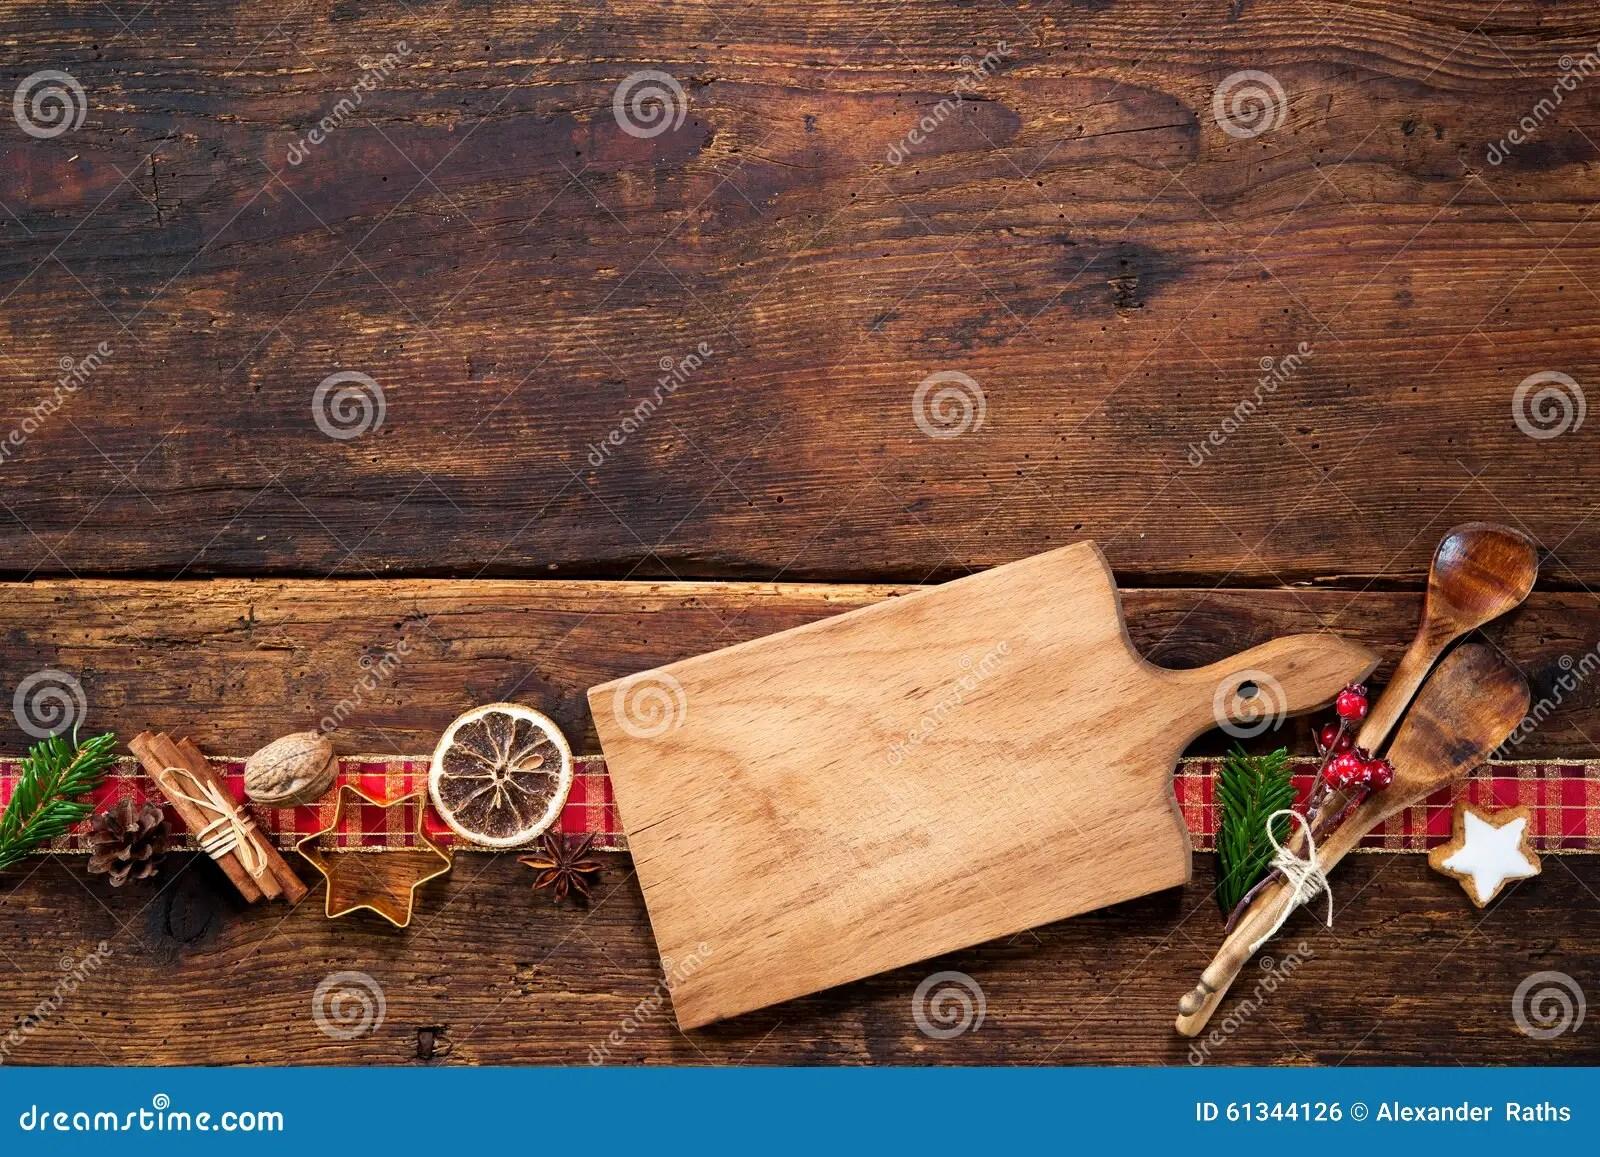 Christmas Menu Card Stock Photo Image 61344126